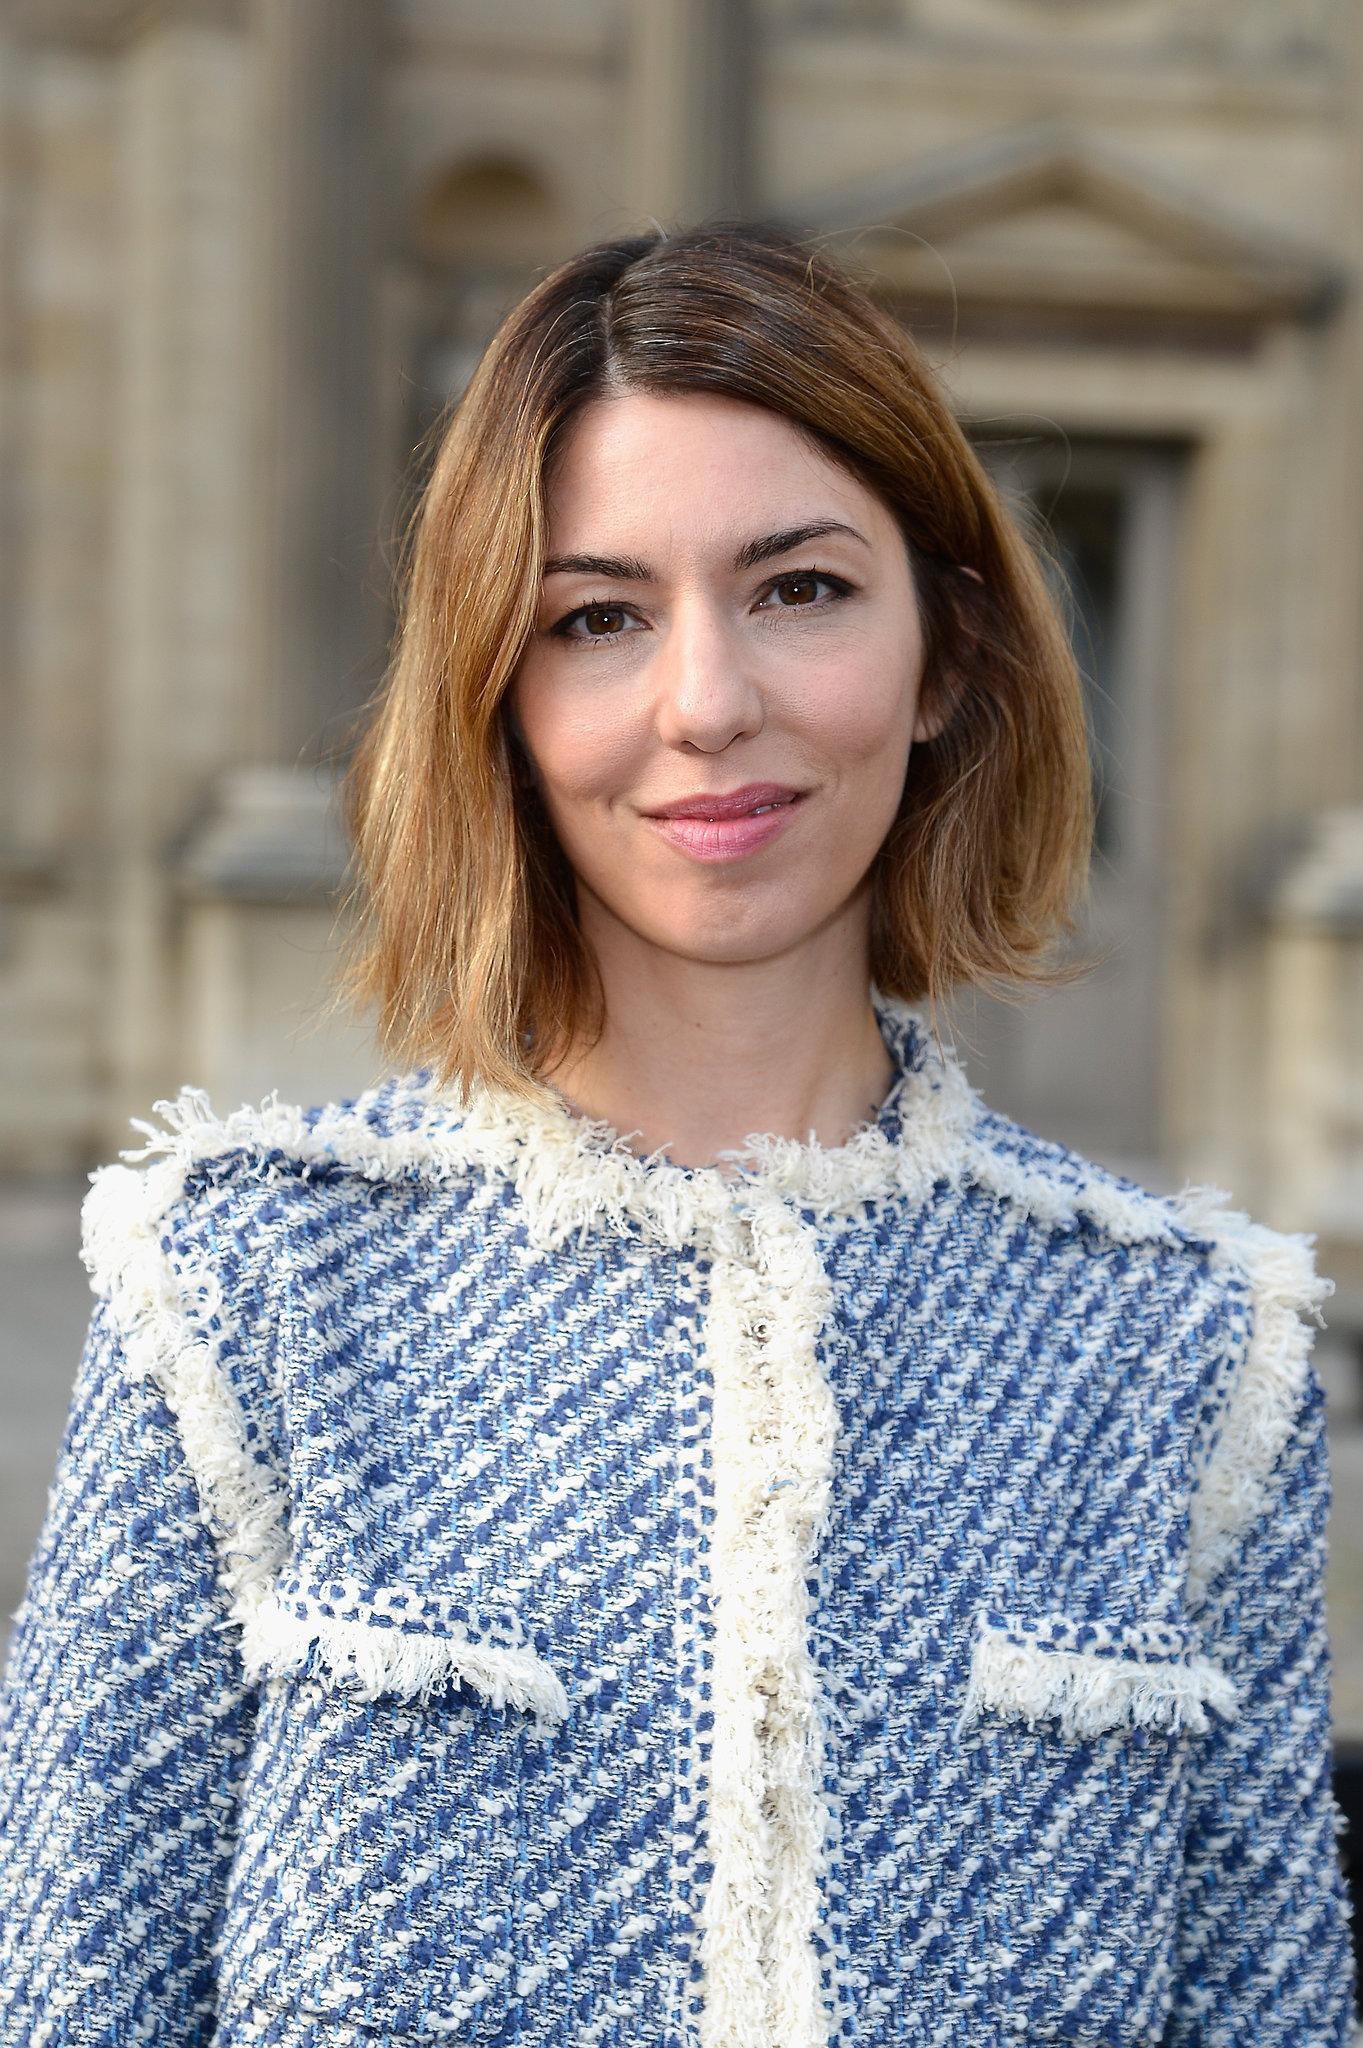 Sofia Coppola at Louis Vuitton Spring 2014